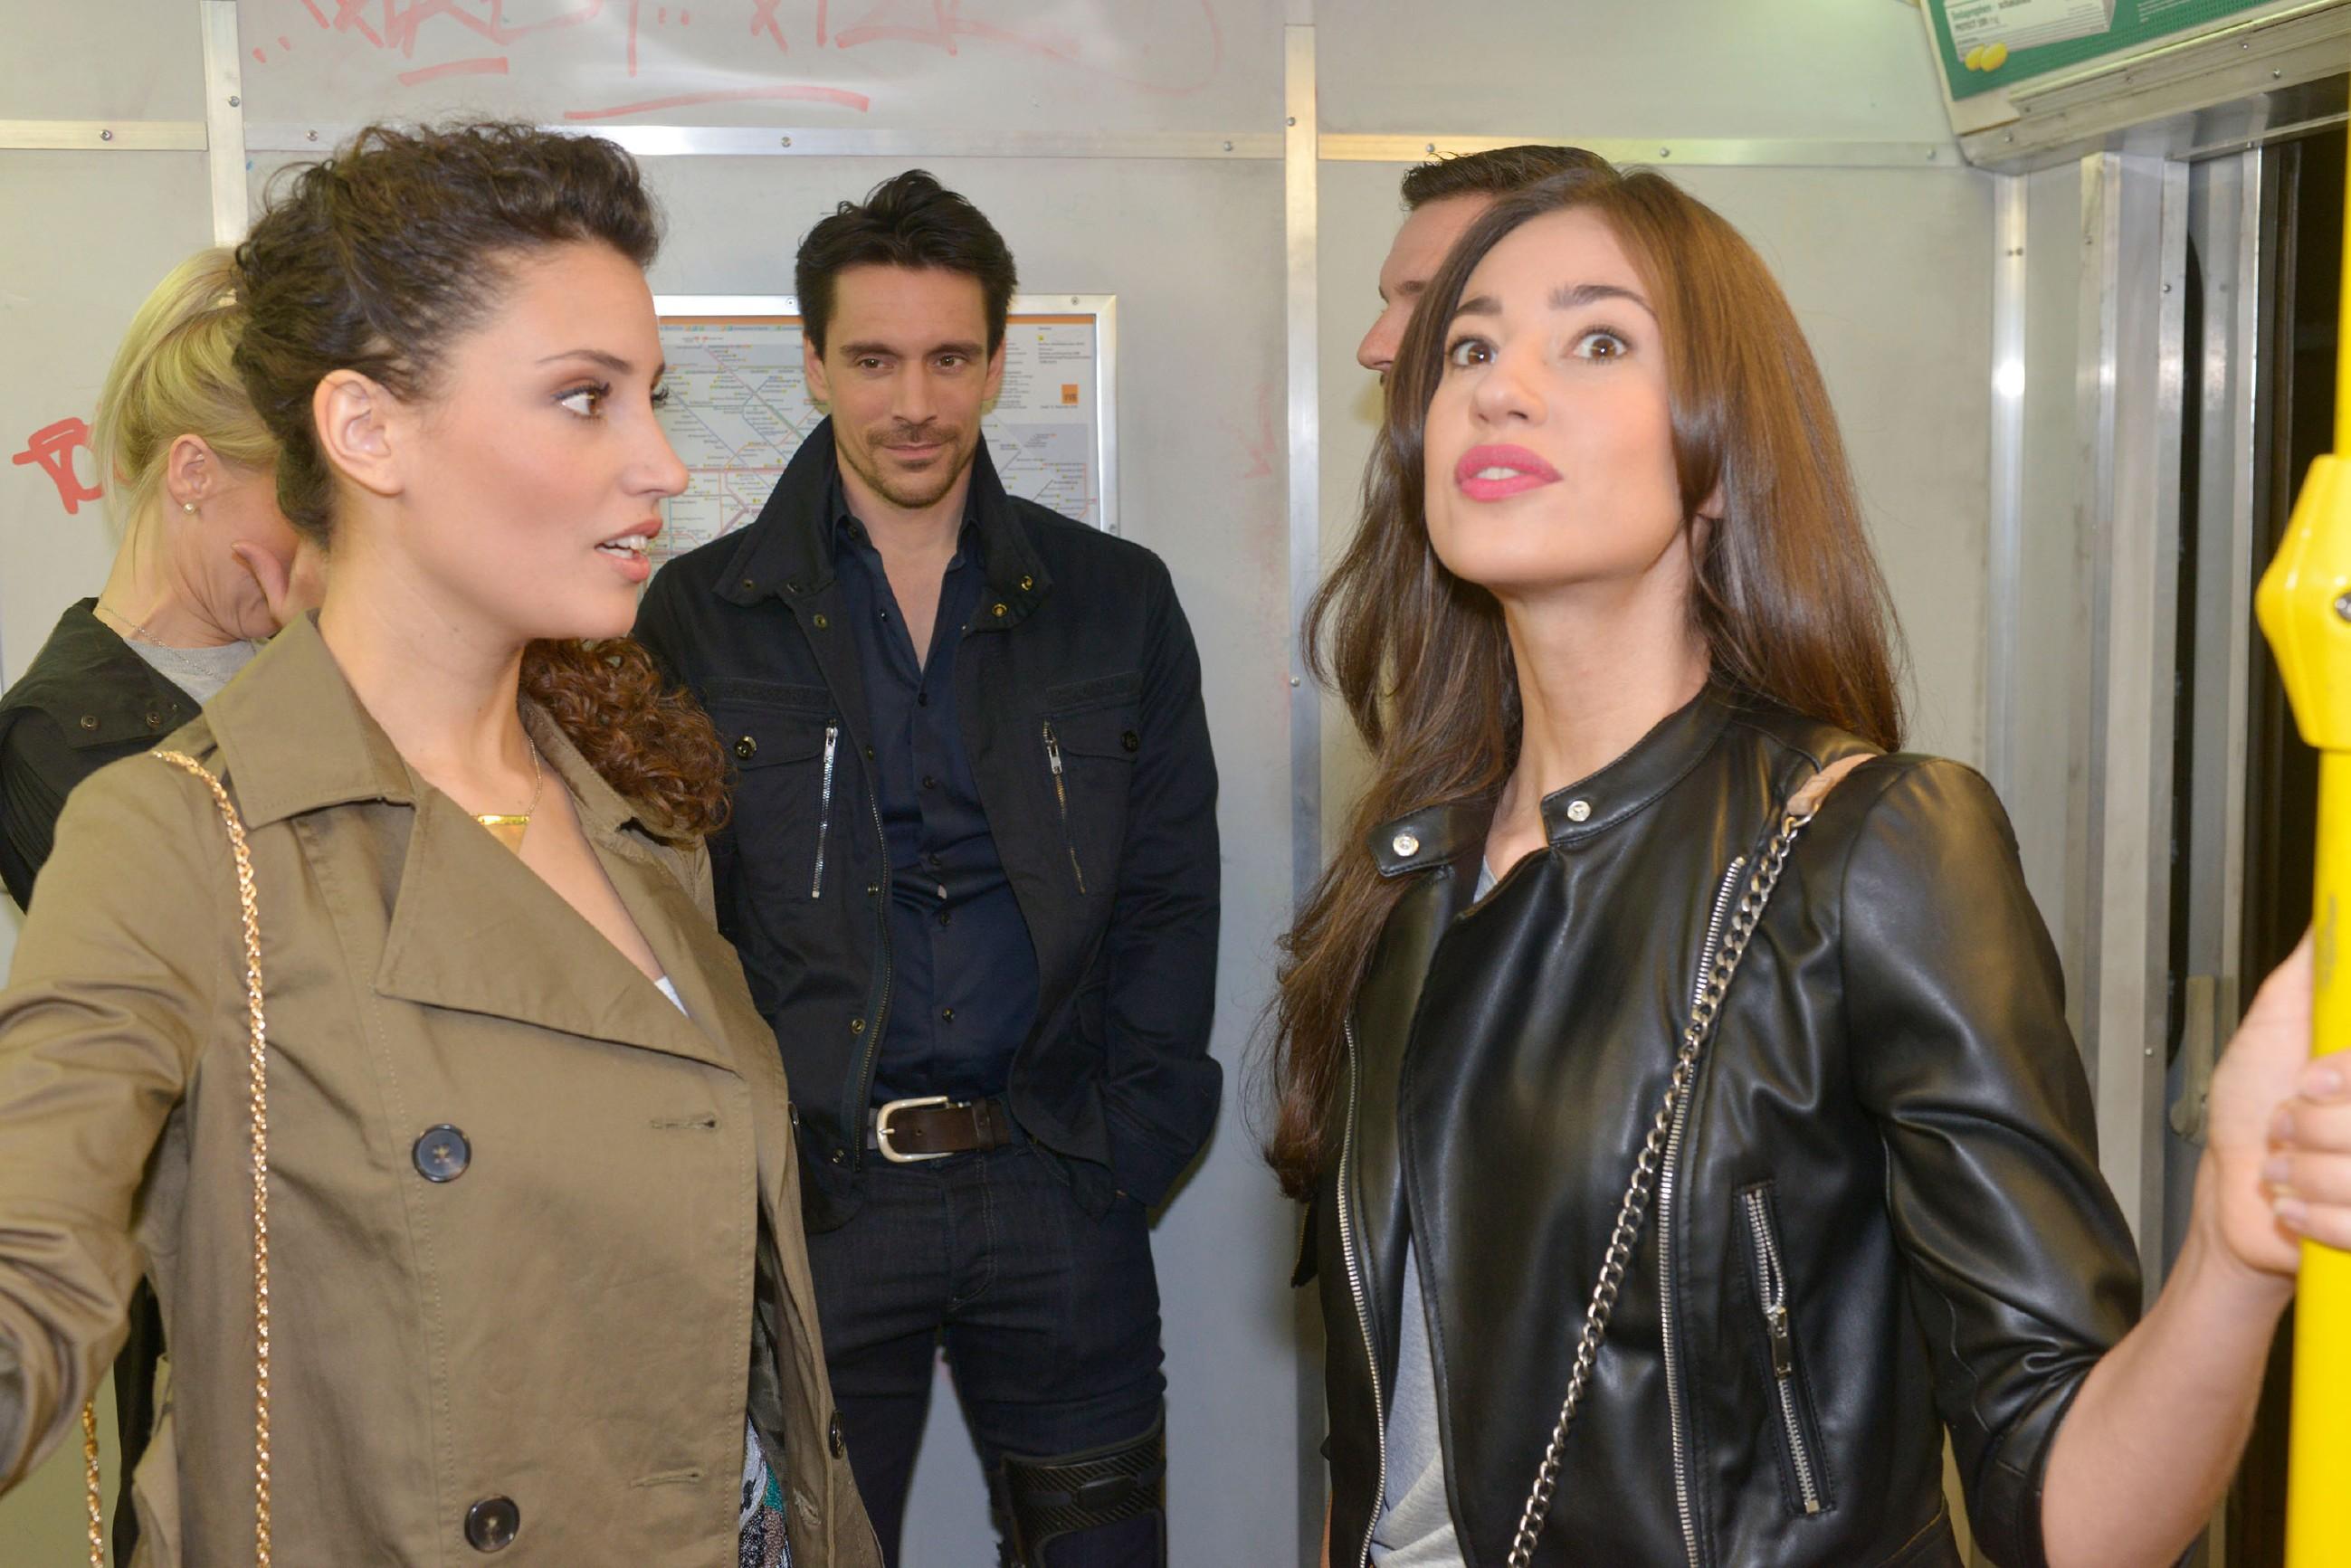 Ayla (Nadine Menz, l.) versucht vor Elena (Elena Garcia Gerlach) zu verbergen, dass sie an David (Philipp Christopher) interessiert ist. (Quelle: RTL / Rolf Baumgartner)